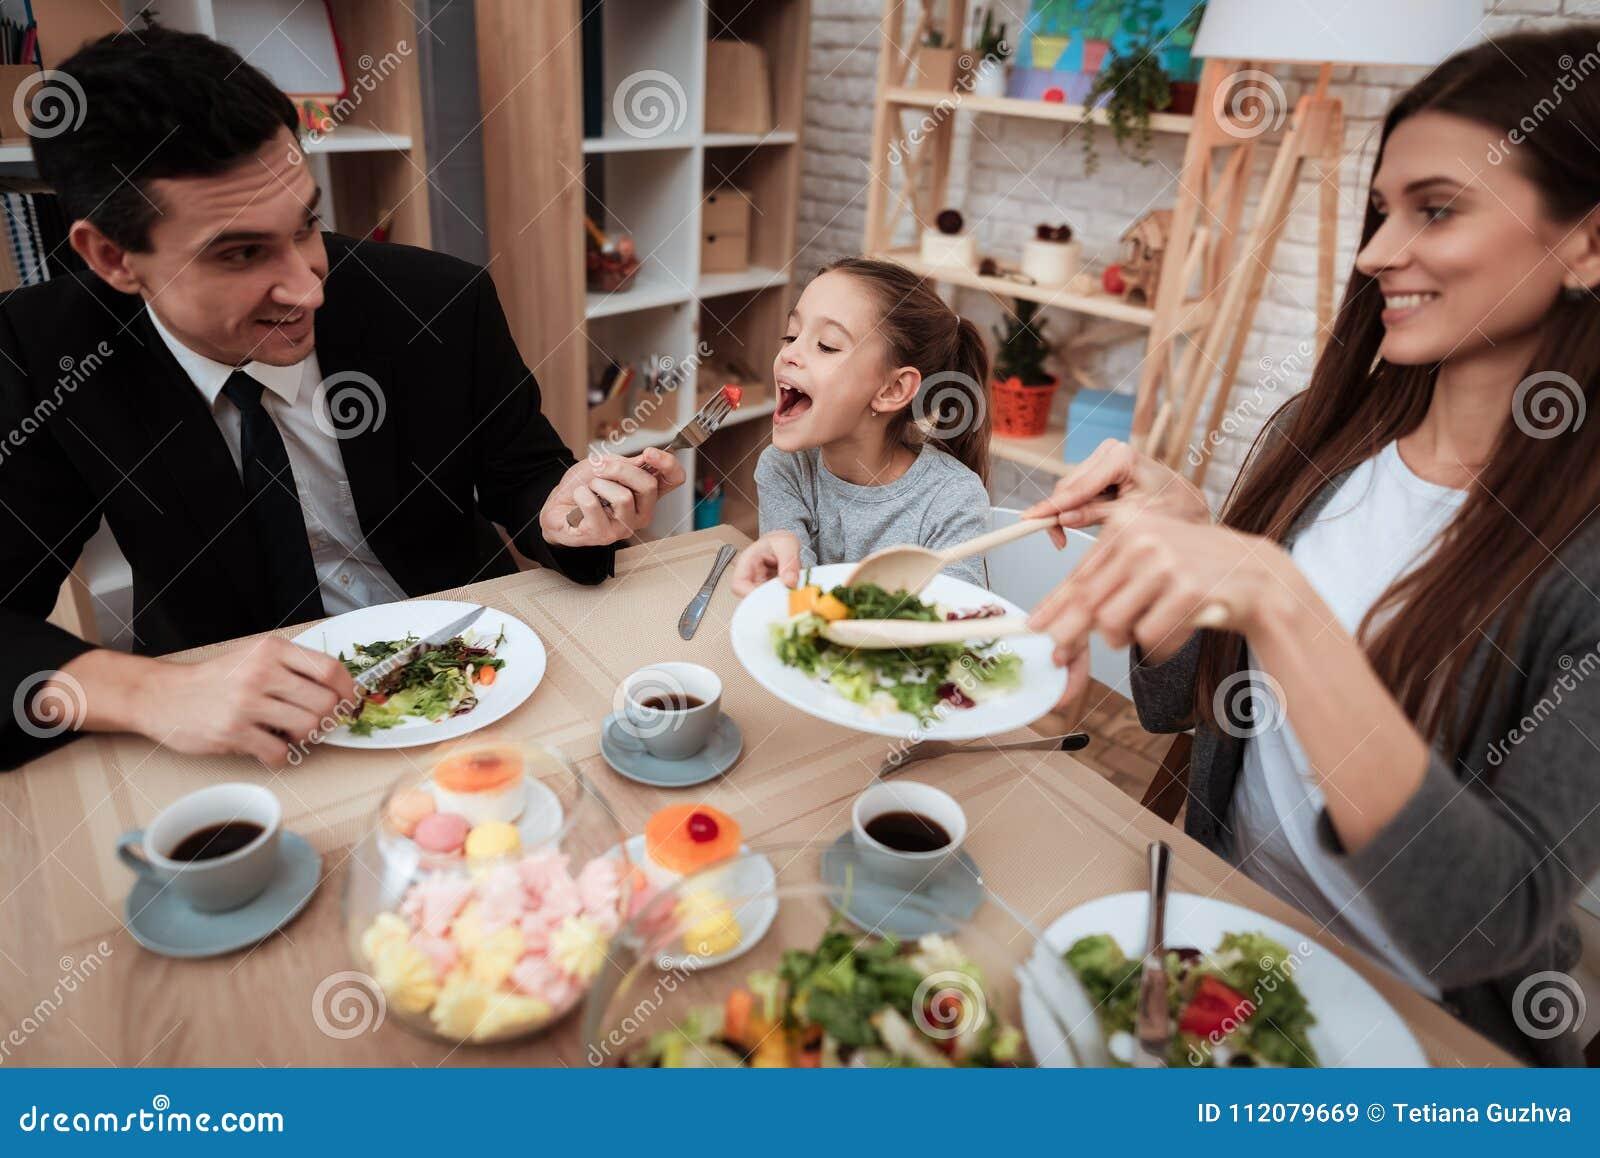 Famiglia felice che mangia insieme i piatti alla tavola Genitori con la loro figlia riunita alla tavola